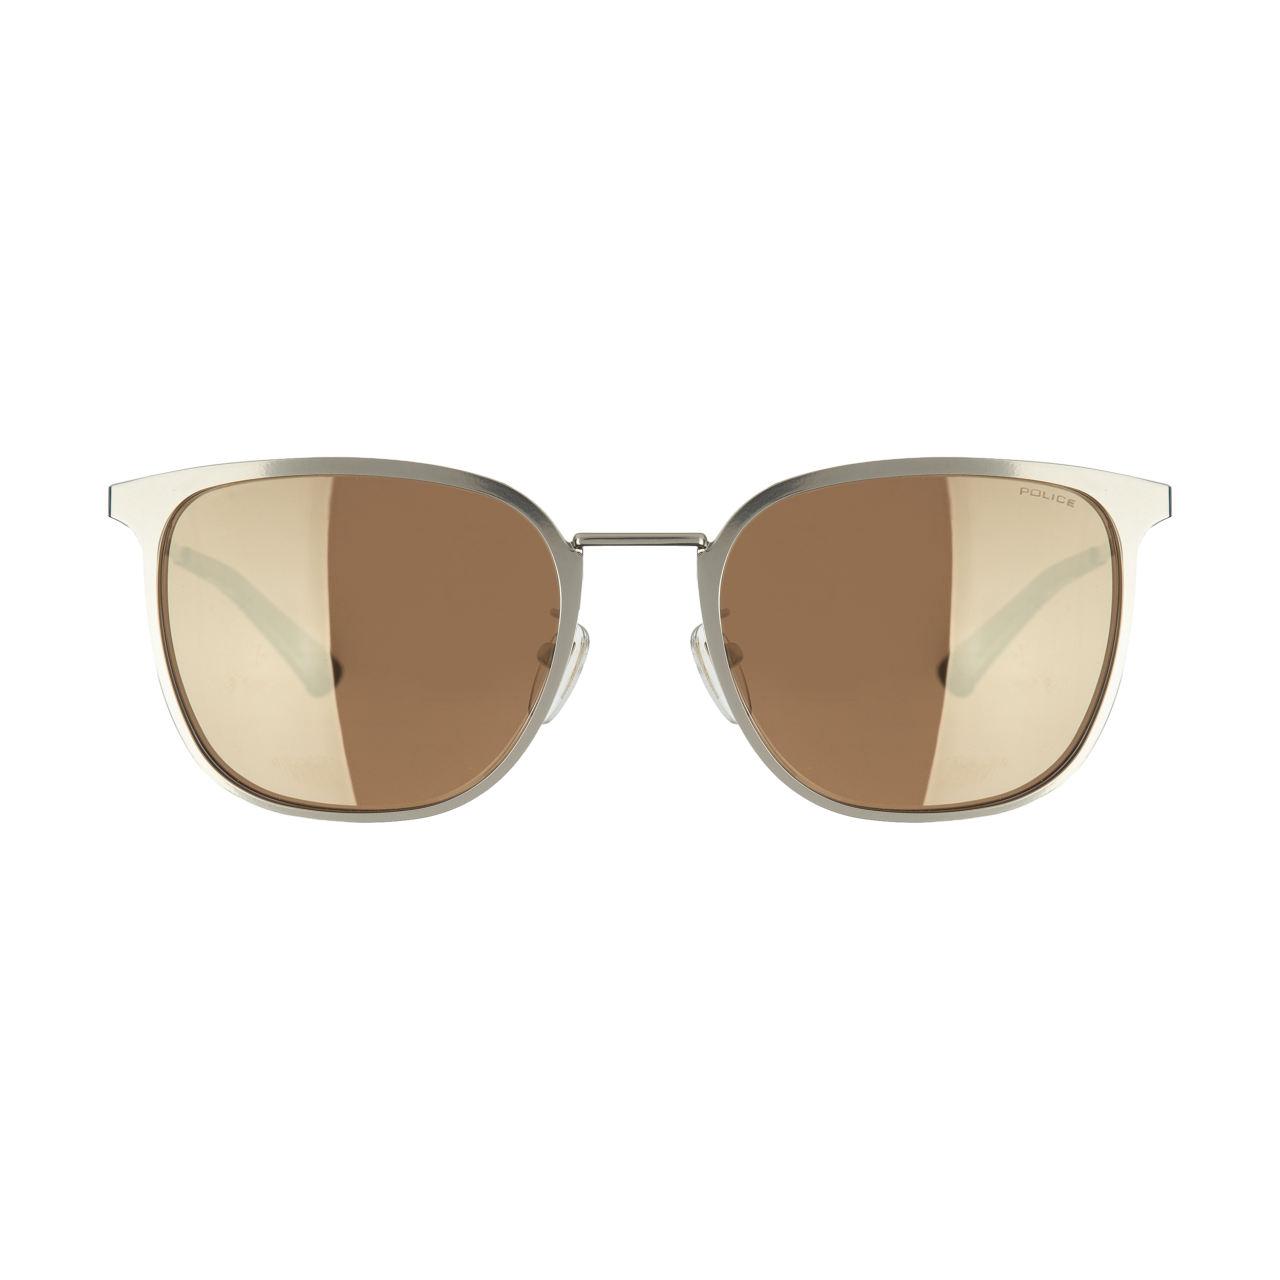 عینک آفتابی پلیس مدل SPL719M S91G